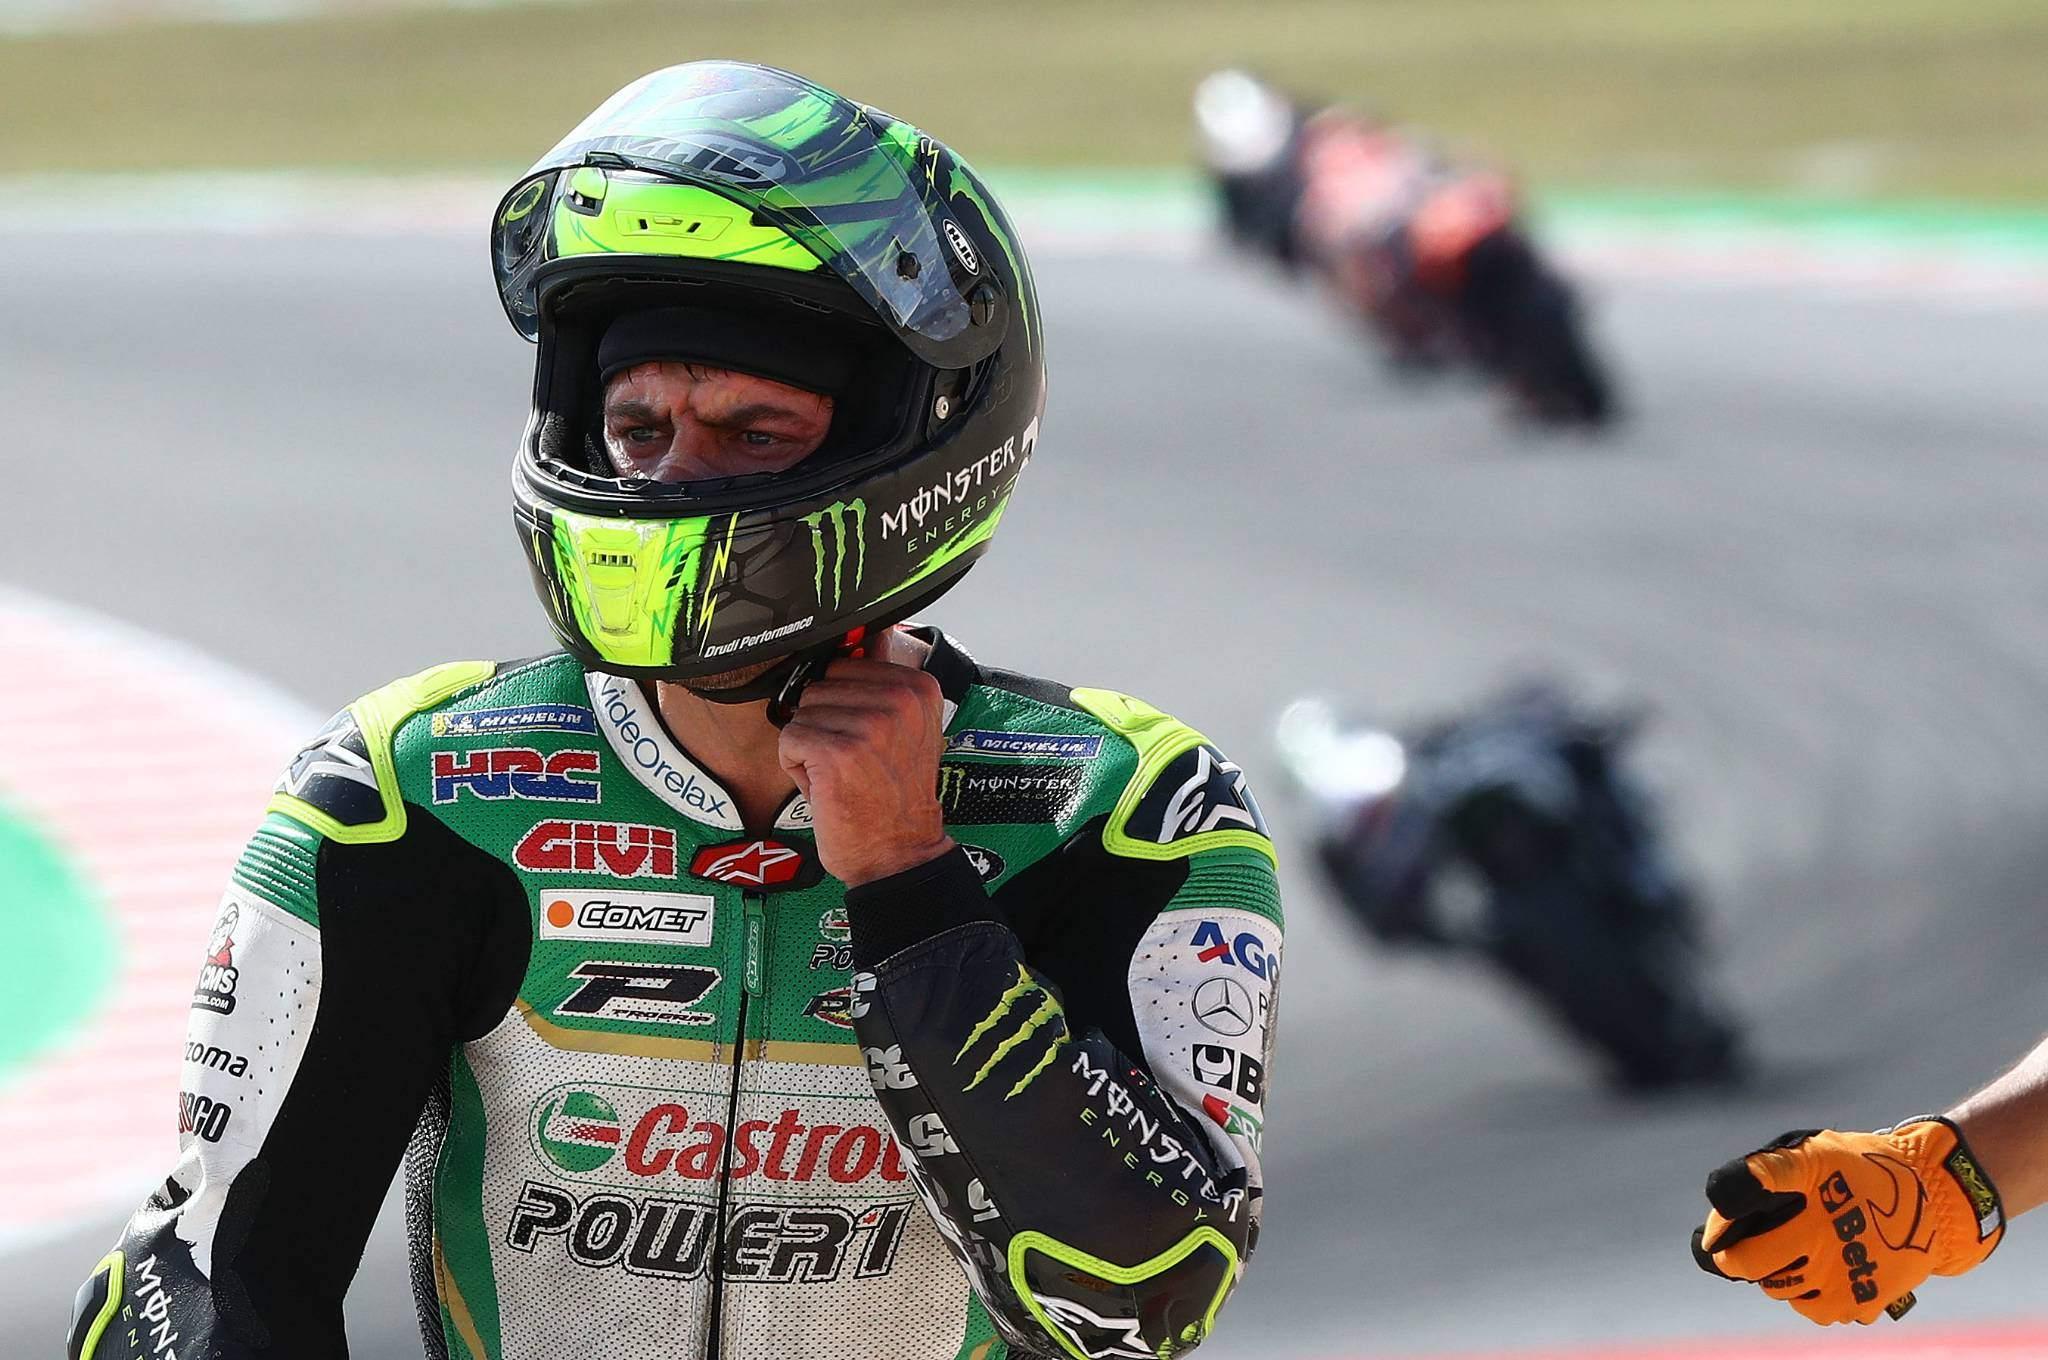 Crutchlow after crash,, Quartararo, Marquez, Vinales behind ...